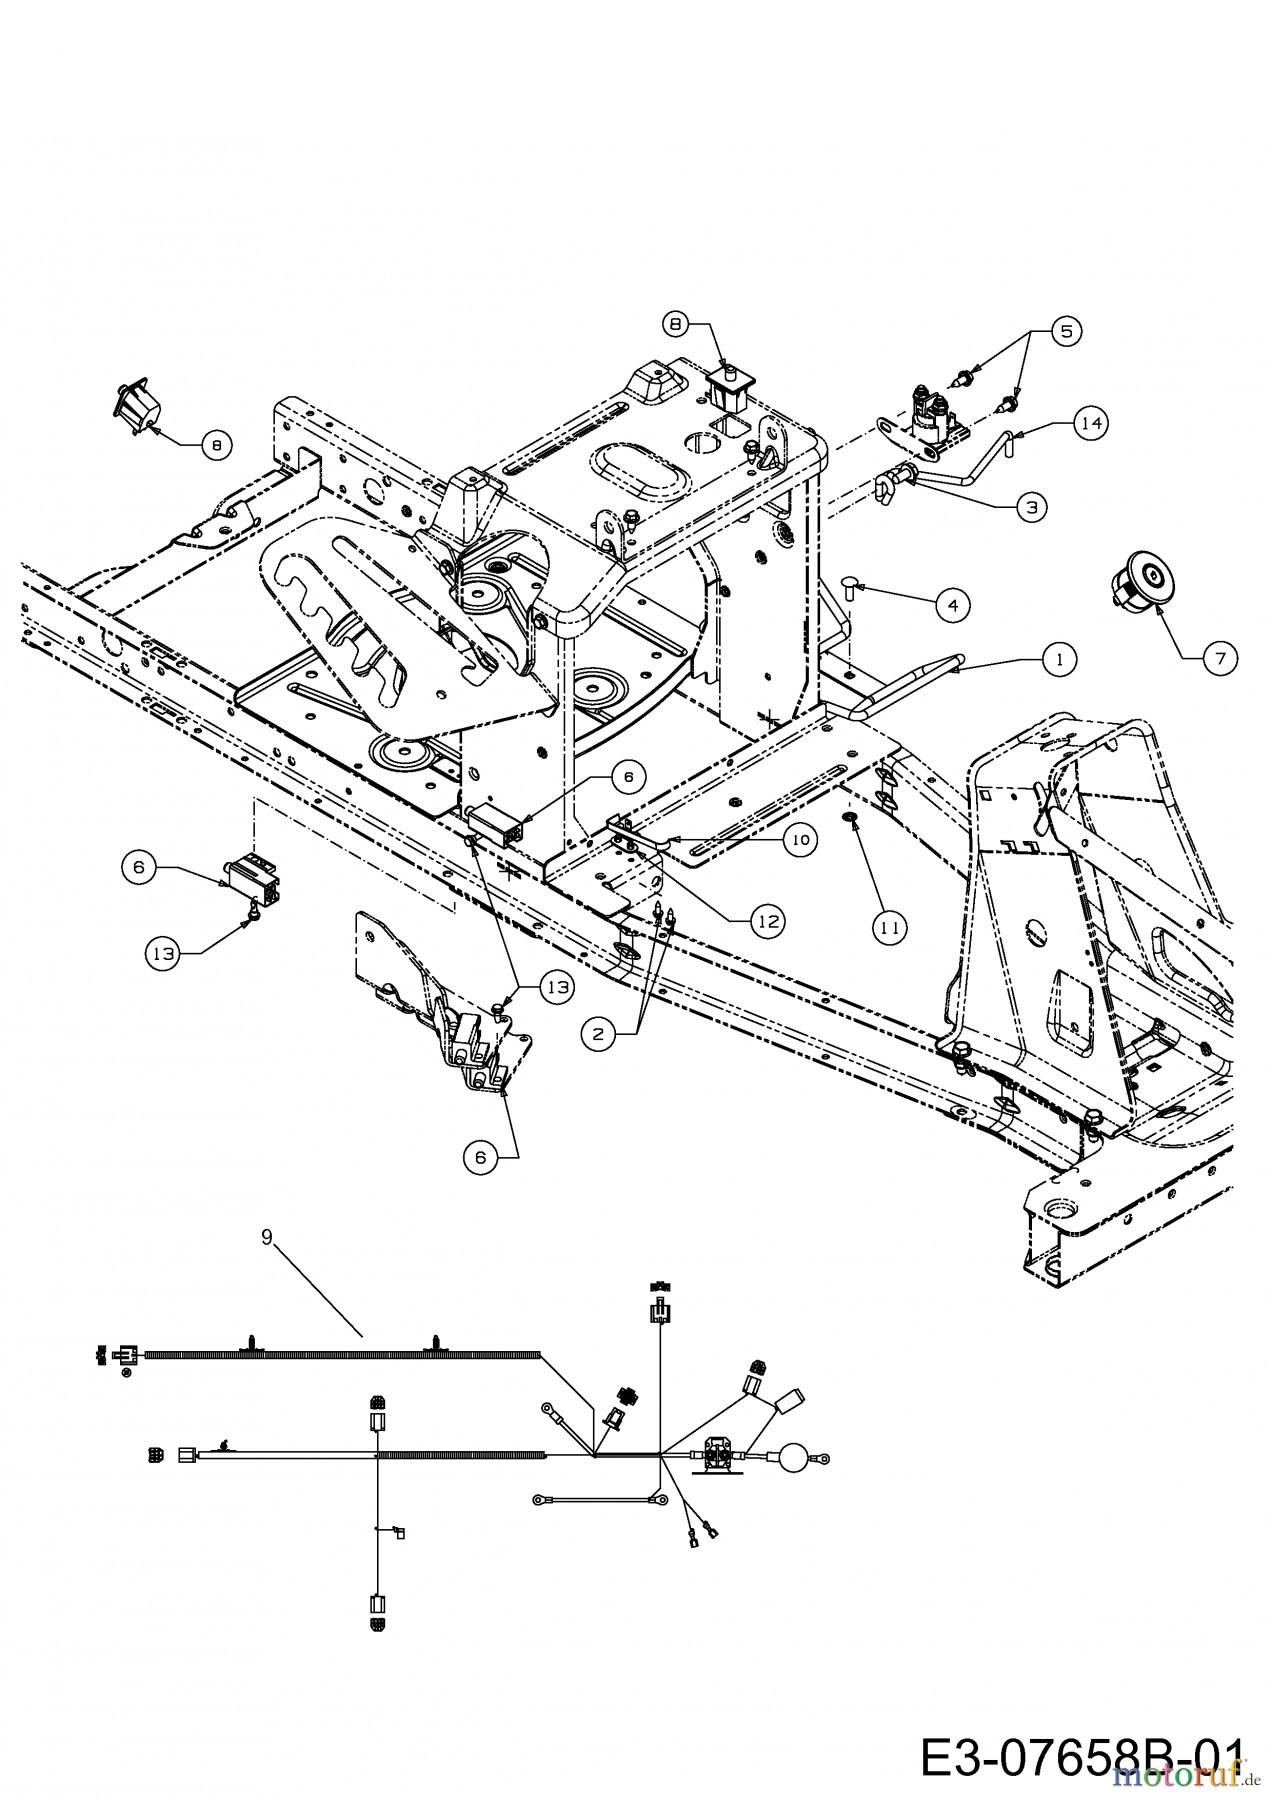 Cub Cadet Parts Diagram Diagrams 126 U Wiring Lawn Tractors Cc 114 Ta 13b226ed603 2014 Electric Of